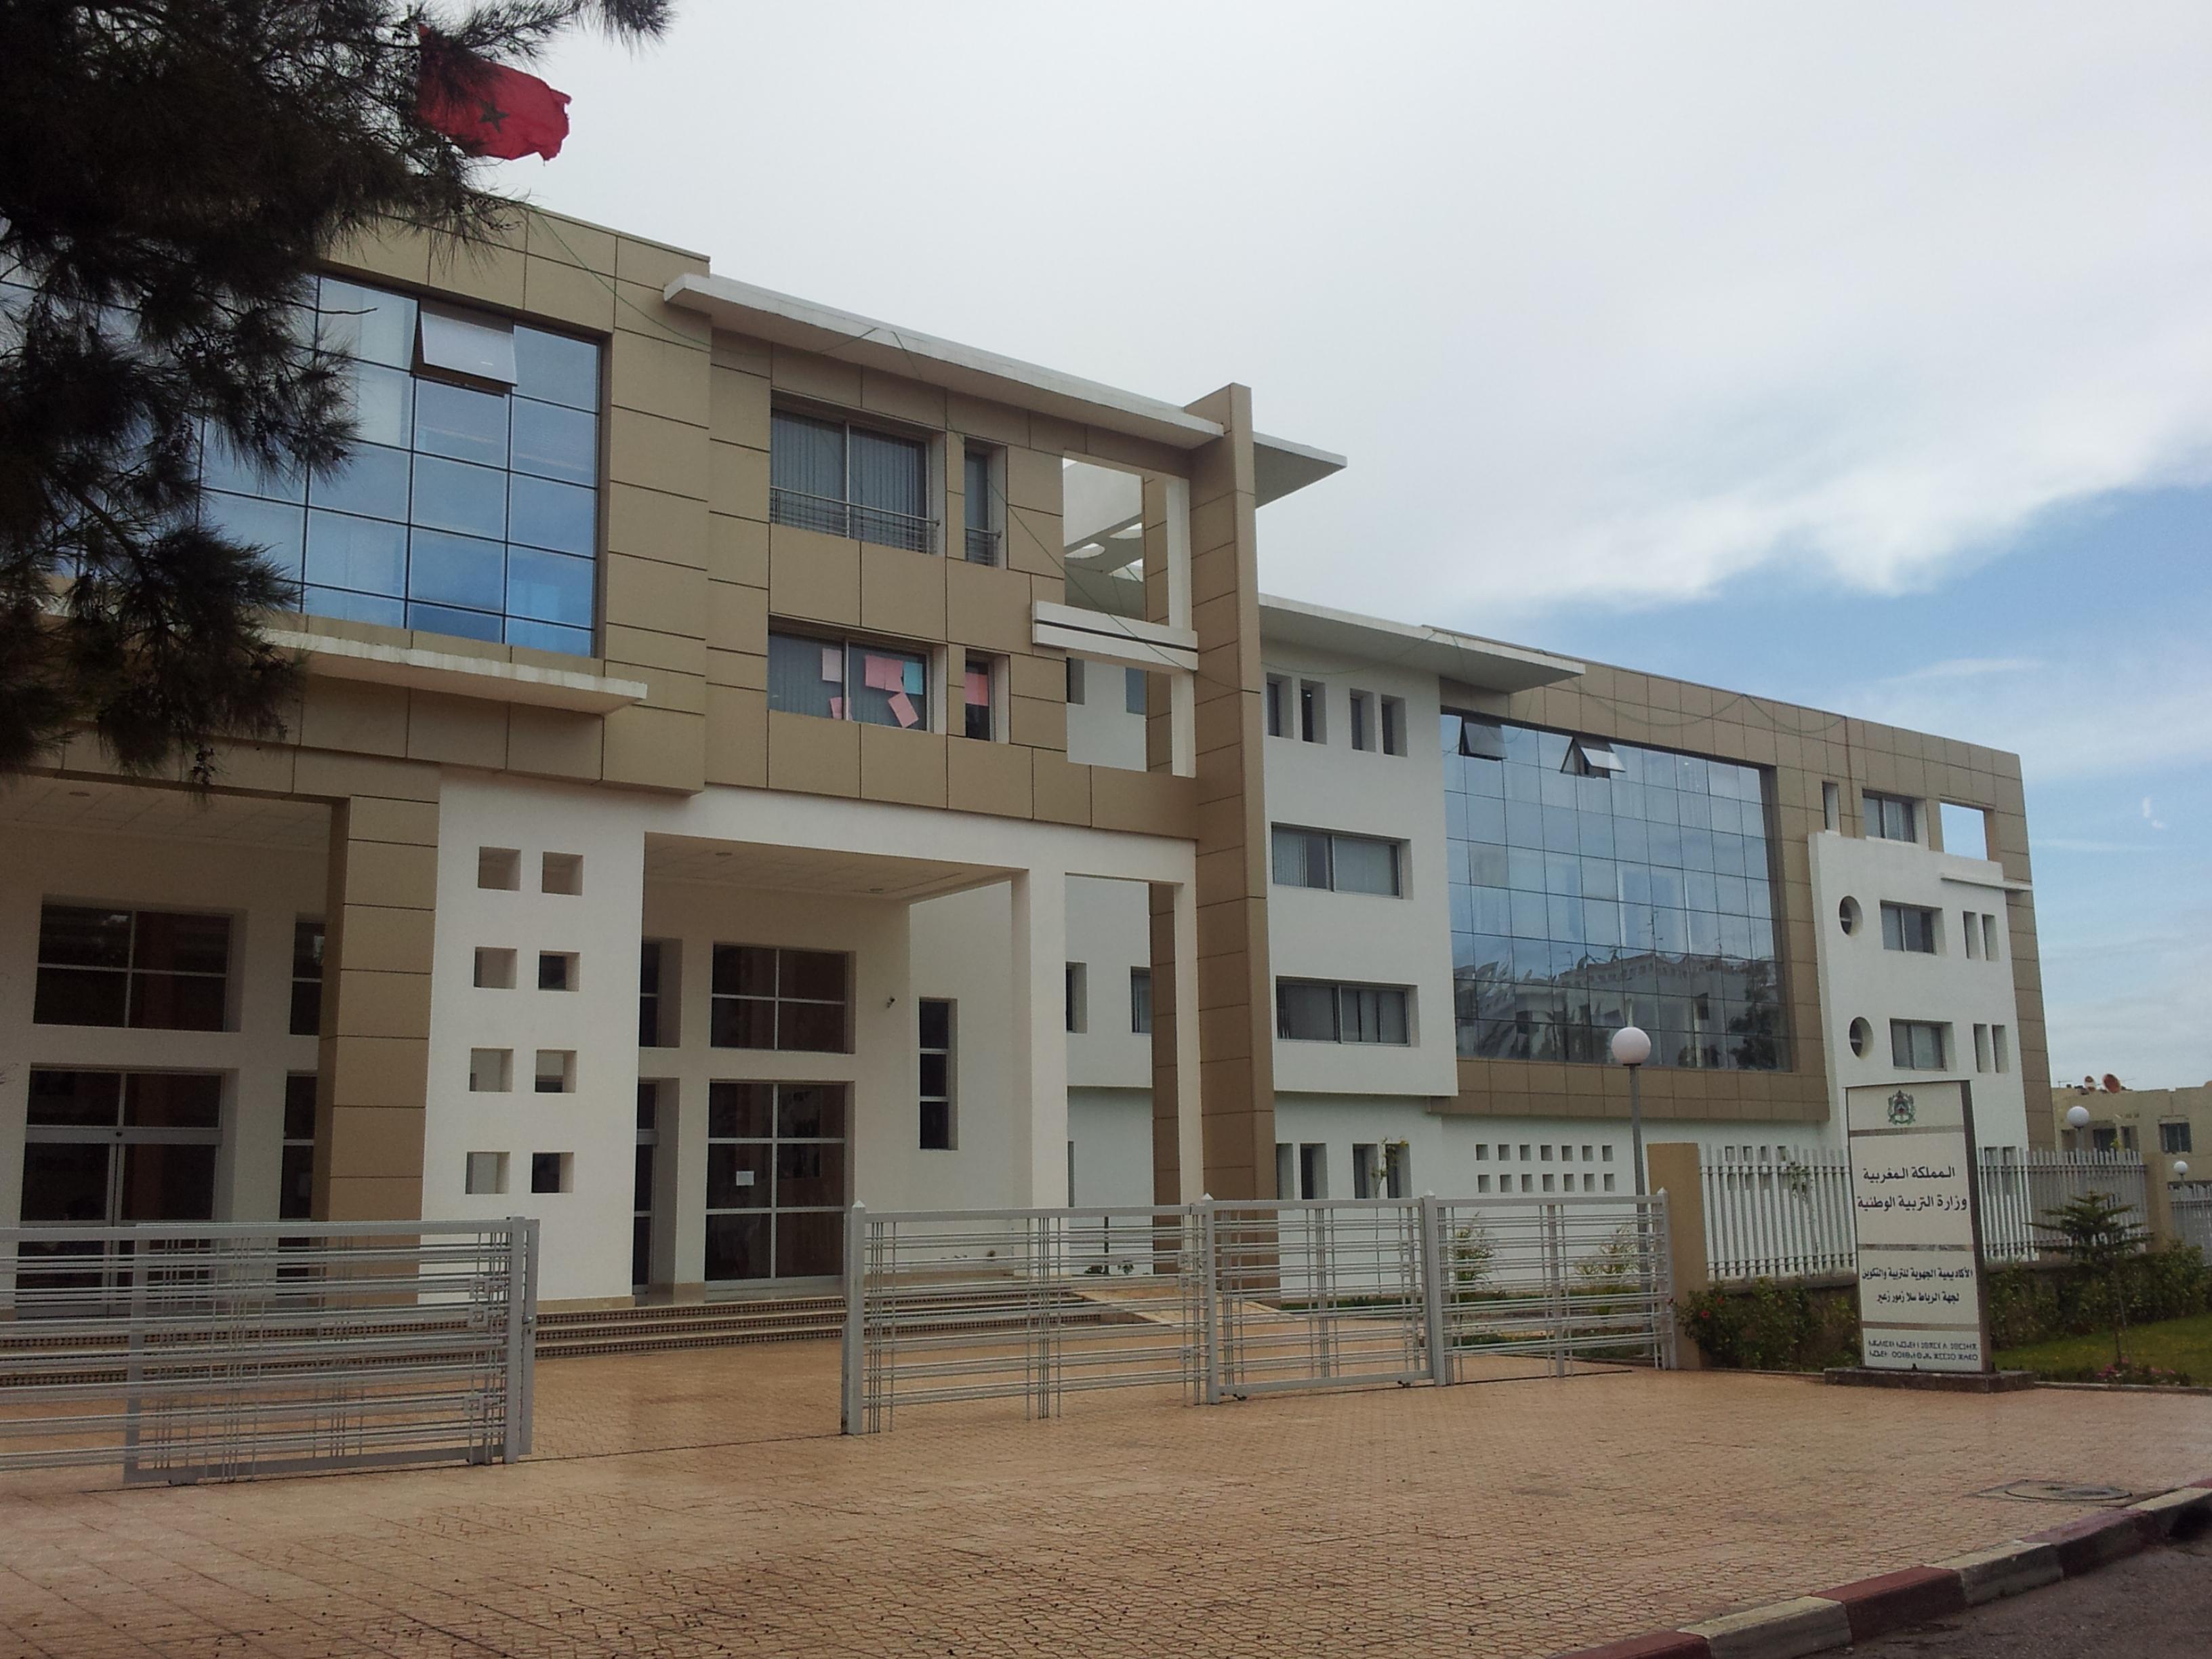 طلبة الجزائر وتونس يشيدون بالتجربة المغربية في إرساء الثقافة المقاولاتية بالمؤسسات التعليمية